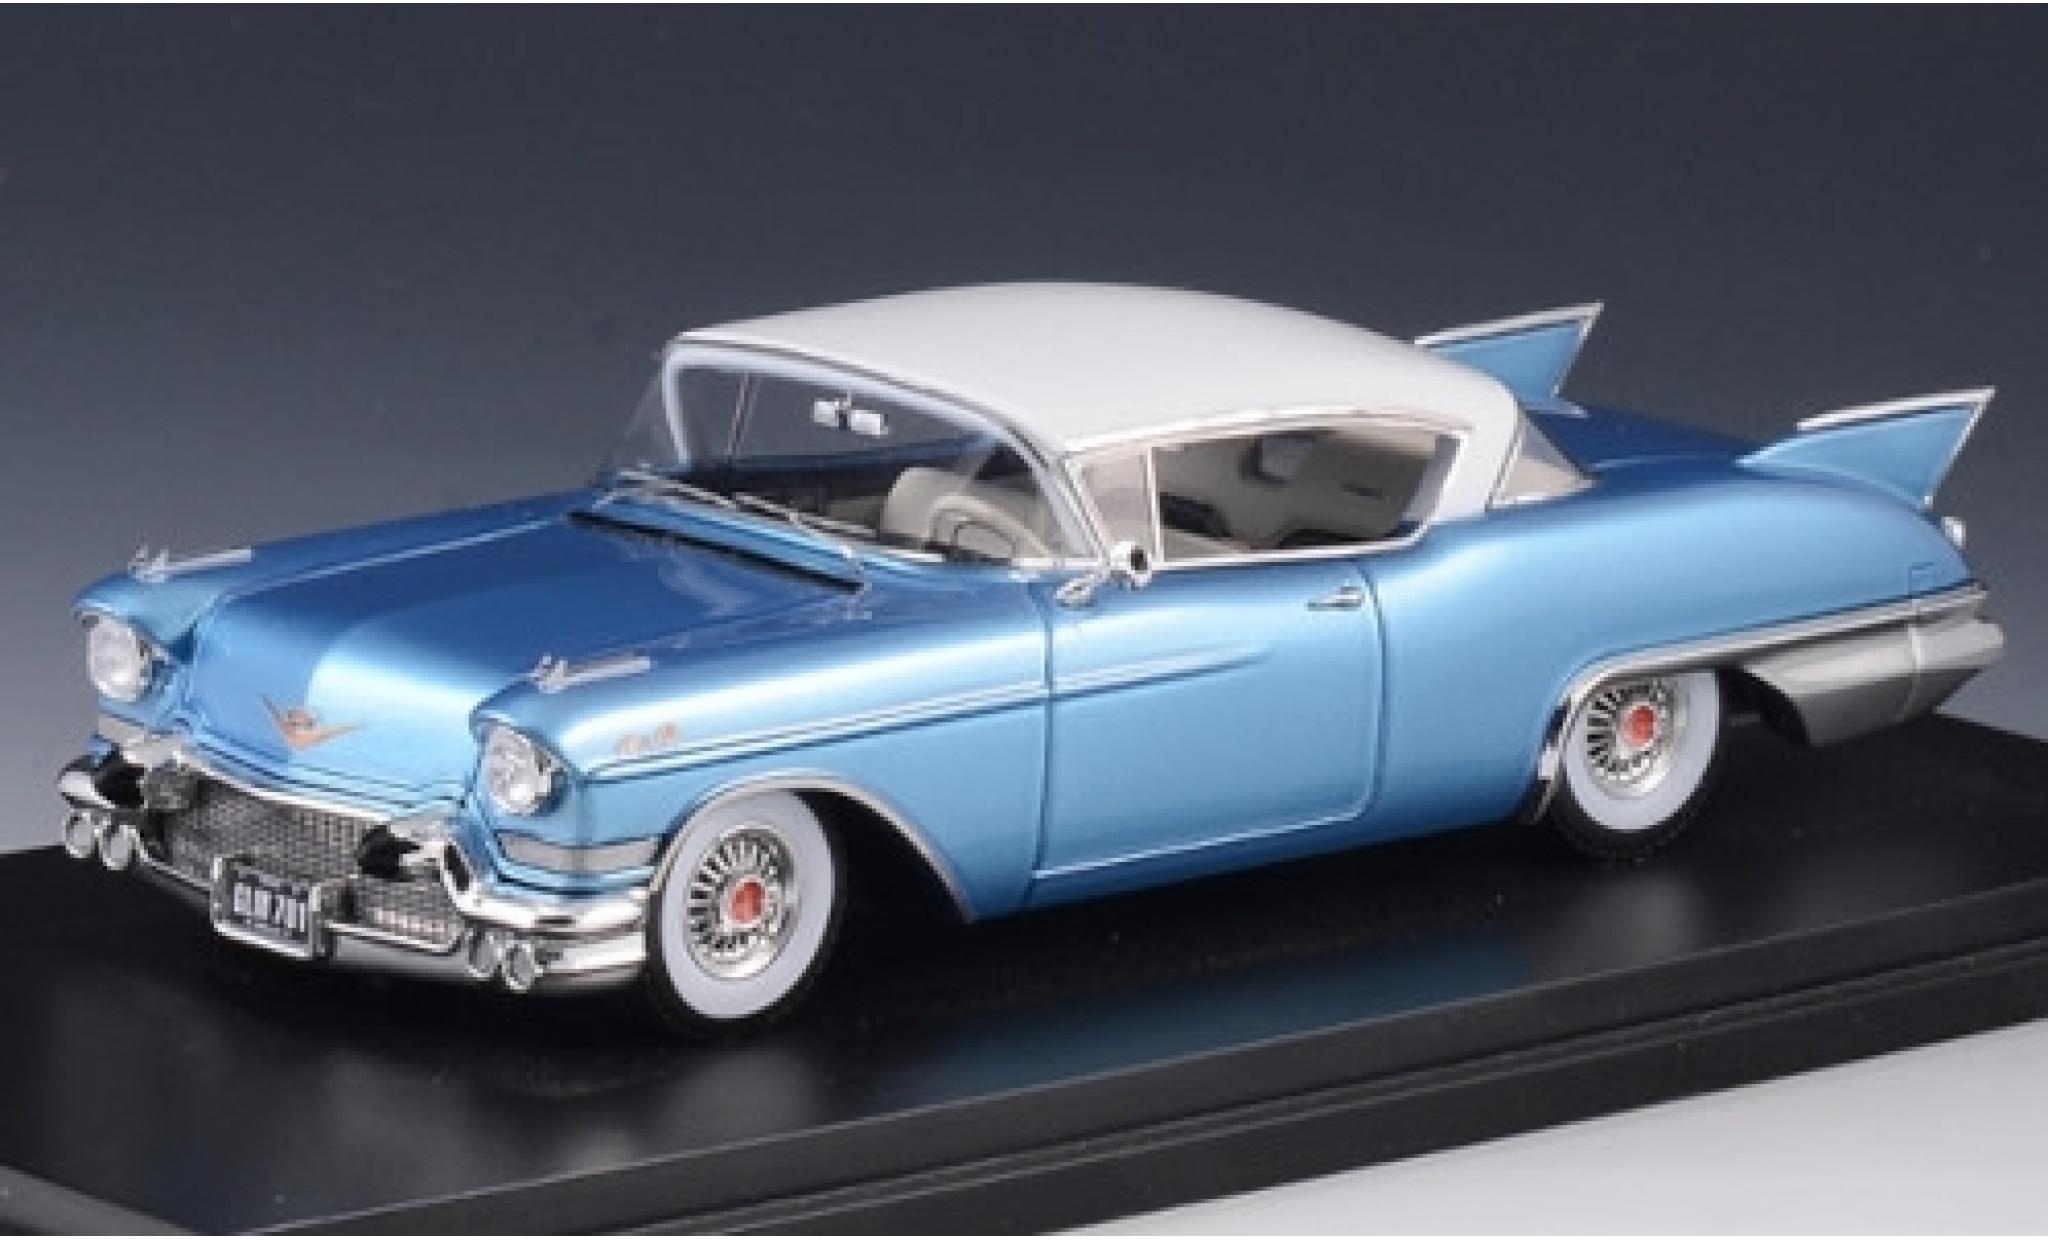 Cadillac Eldorado 1/43 Stamp Models Seville metallise blue/white 1957